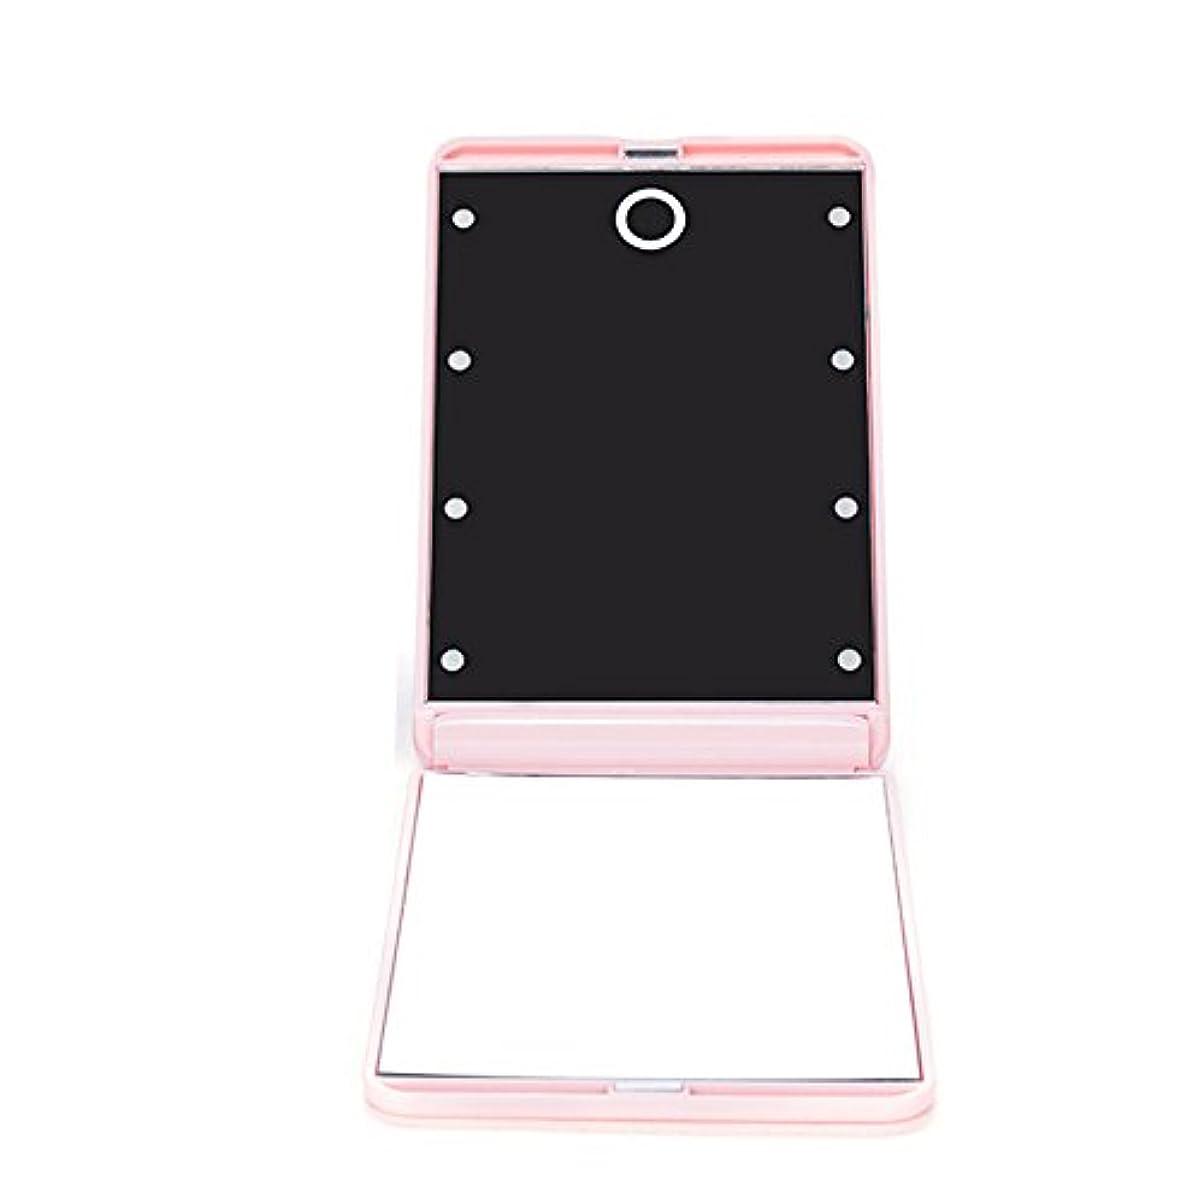 投獄フェッチ代表団ledミラー 折りたたみ式 メイクミラー LEDライト 角度/明るさ調整 コンパクト 化粧鏡 二面鏡 ミラー 2倍拡大鏡付 8灯手鏡 ピンク